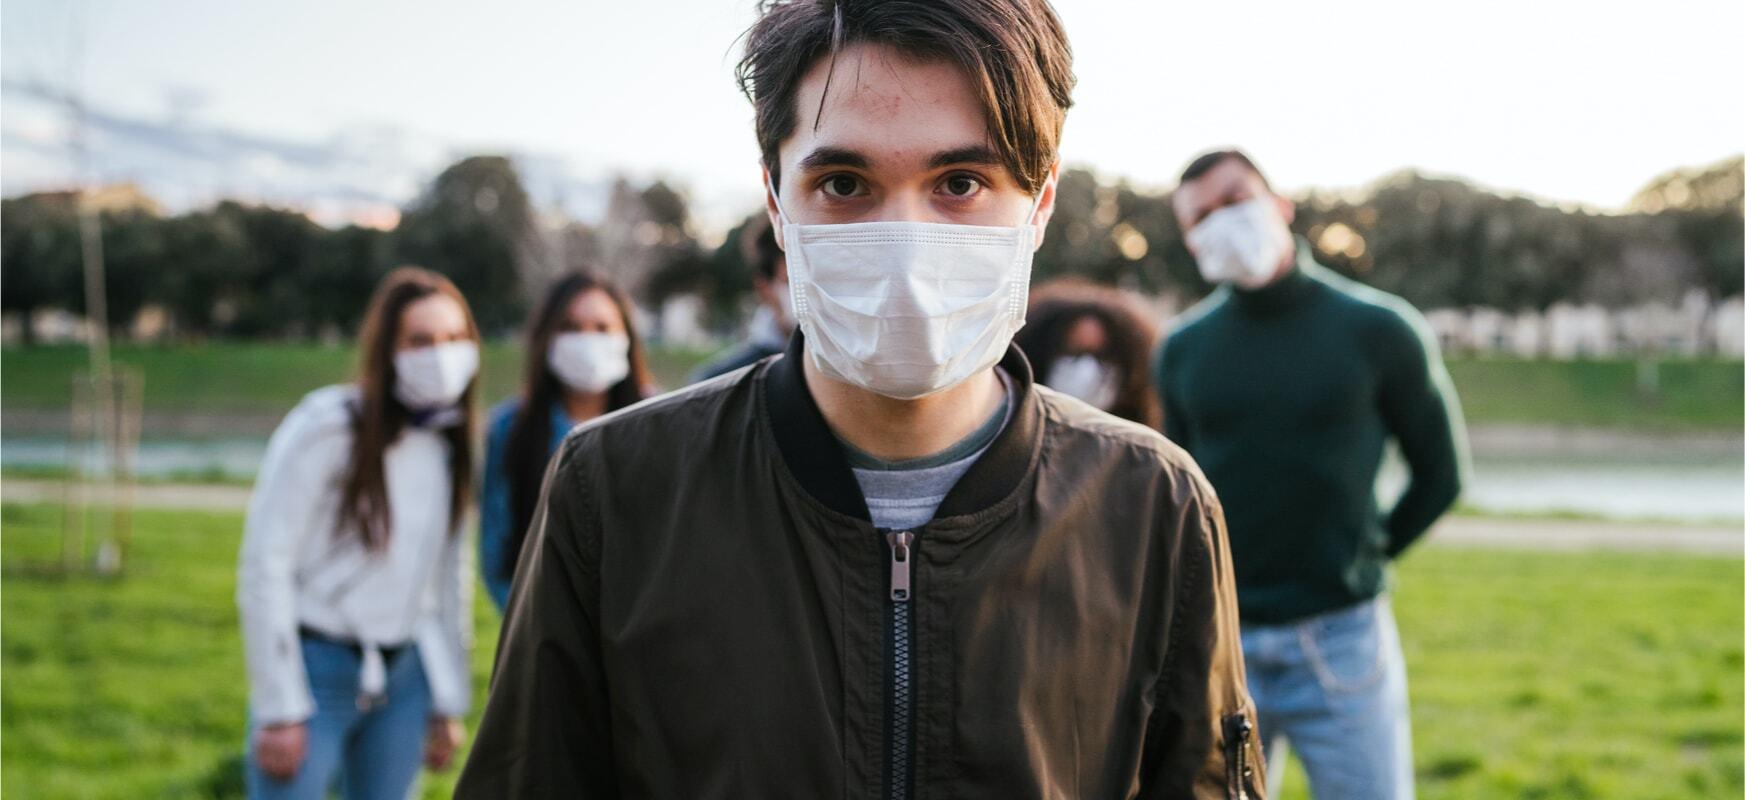 Polsatek 200.000 arte finantzatu zuen  koronavirus probak